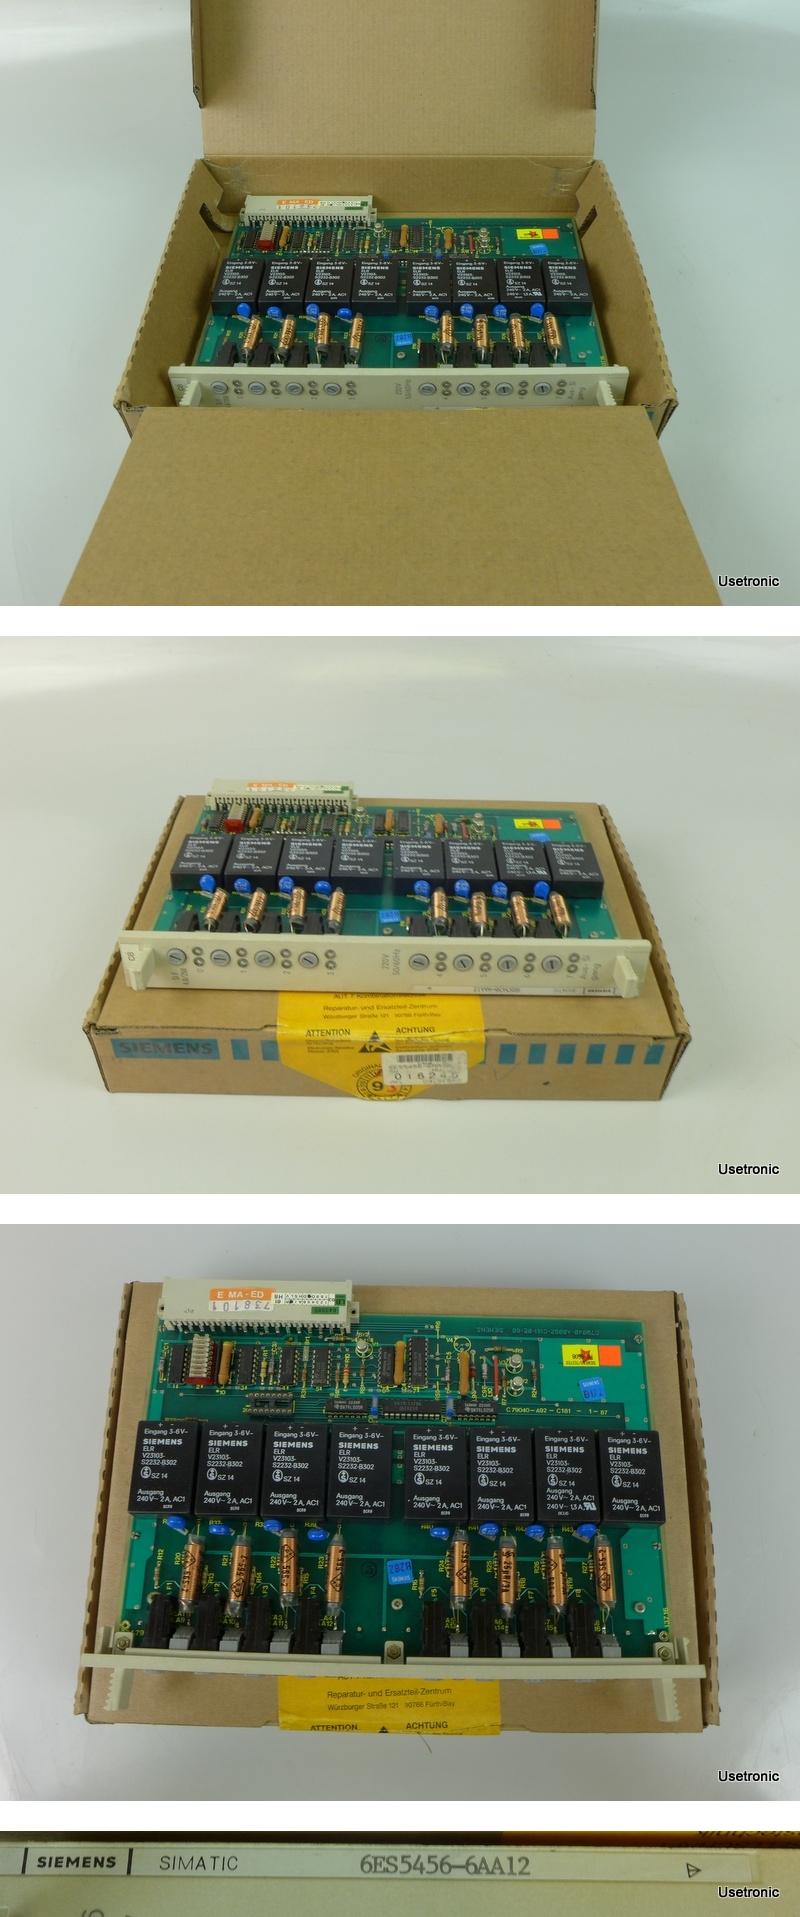 Siemens 6ES5456-6AA12